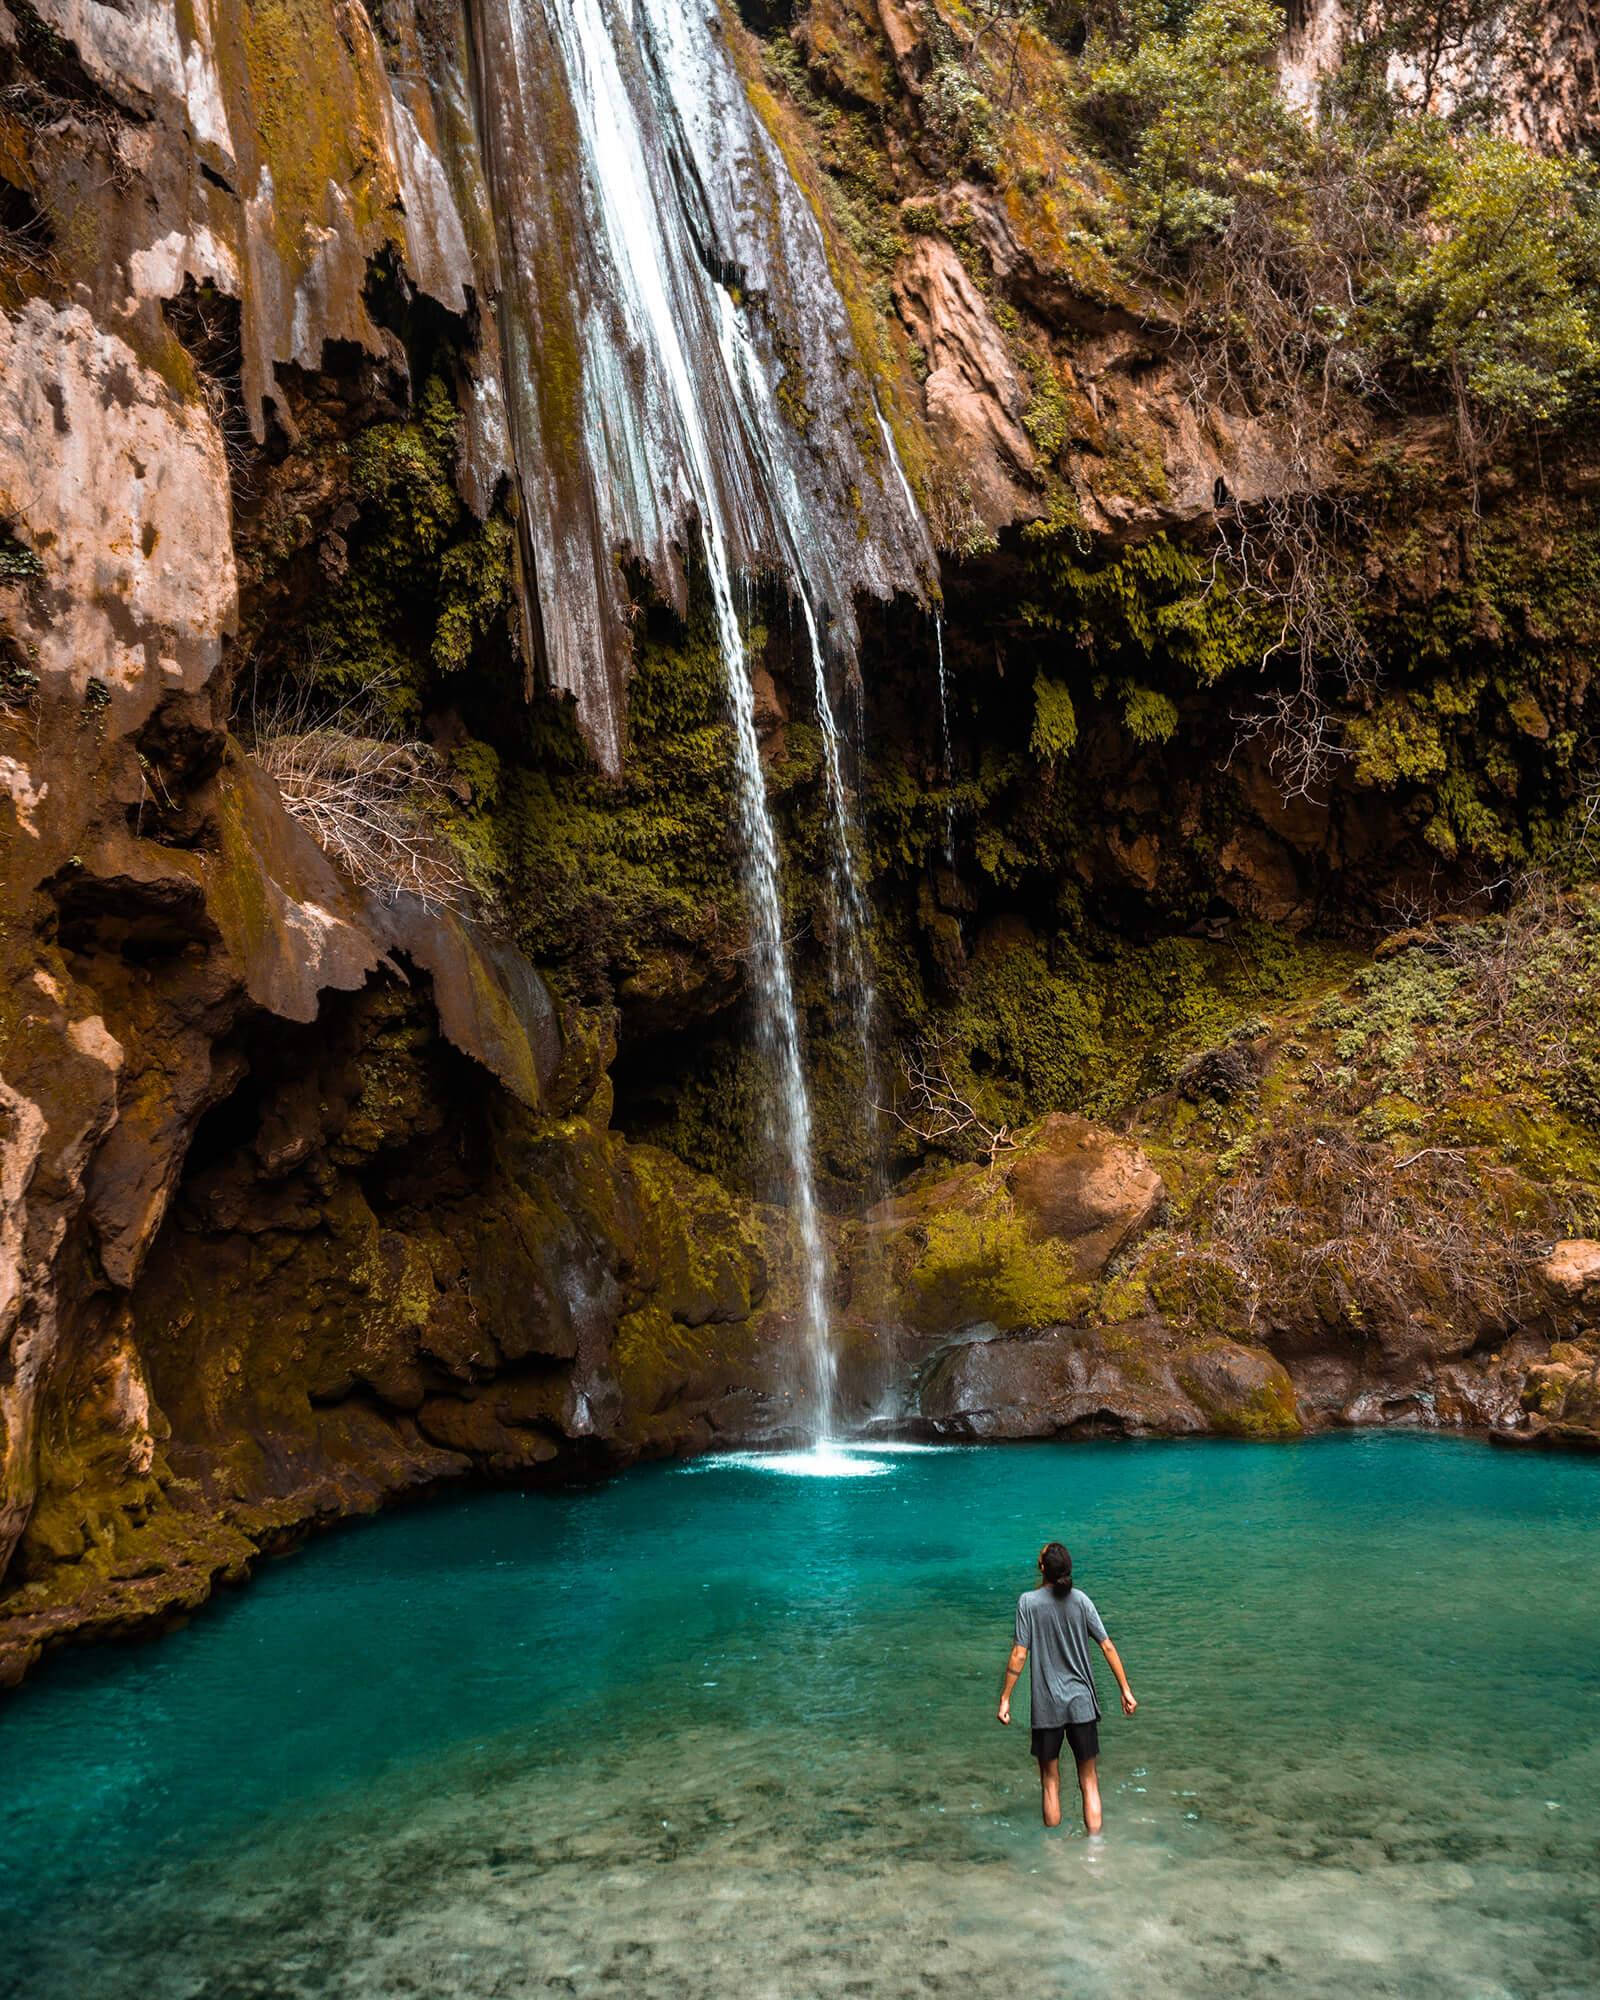 Sahara Desert Tour - Trekking Around Morocco - Akchour Waterfall